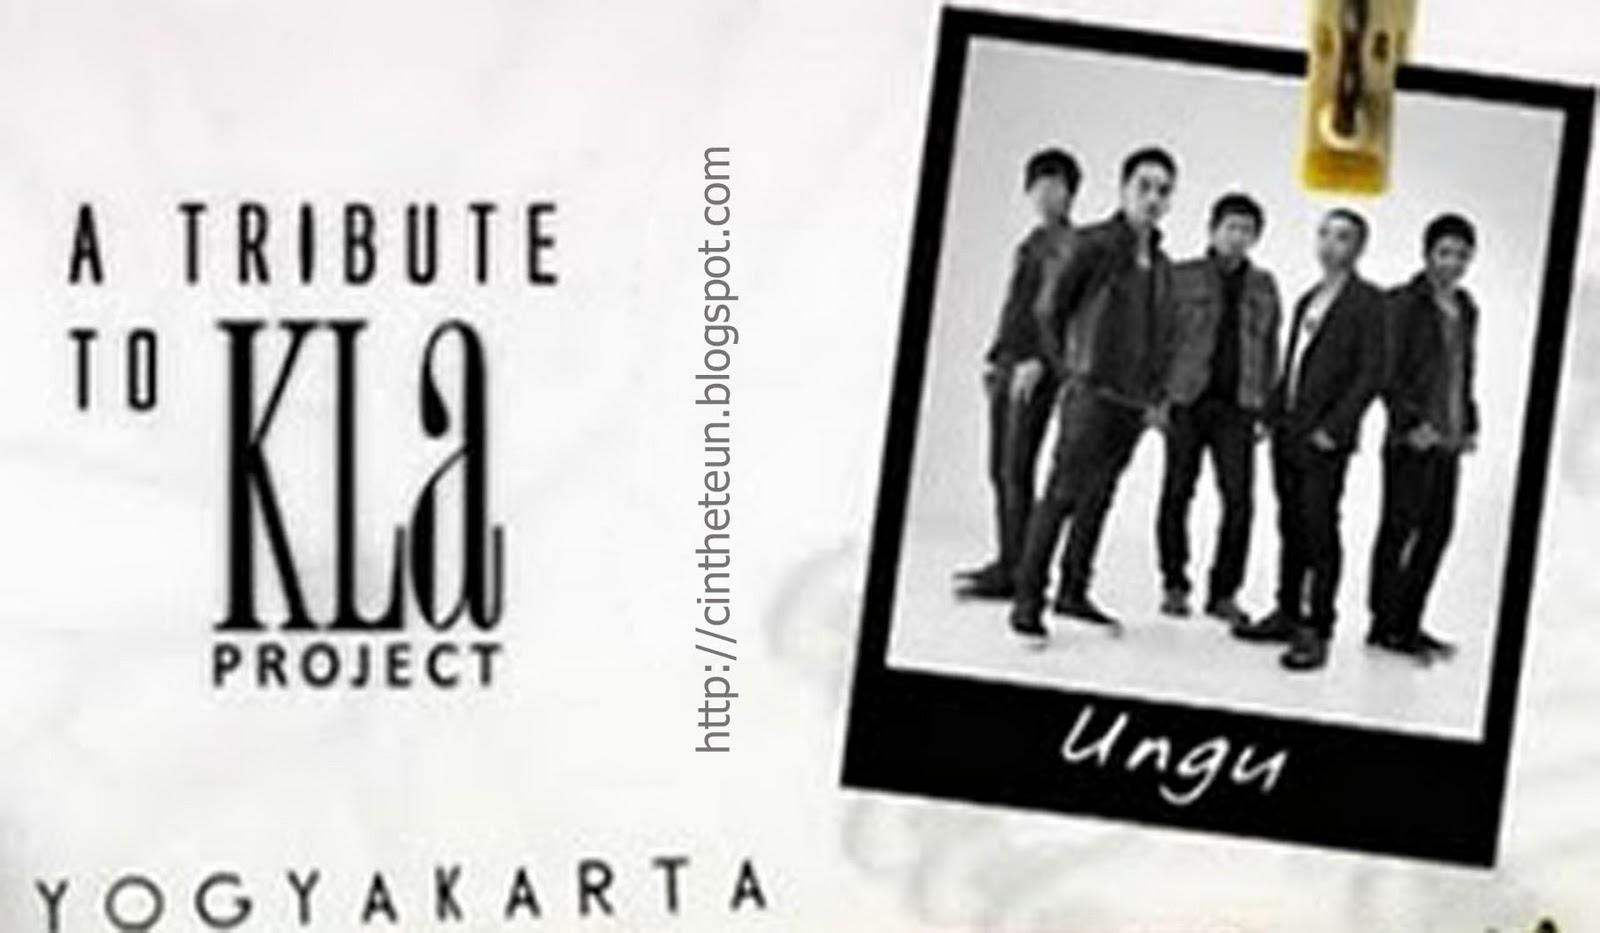 http://2.bp.blogspot.com/-4z3rvOxj3uA/TqWHmeSk06I/AAAAAAAAAOo/NGd38j-MEmE/s1600/Ungu-Yogyakarta1.jpg